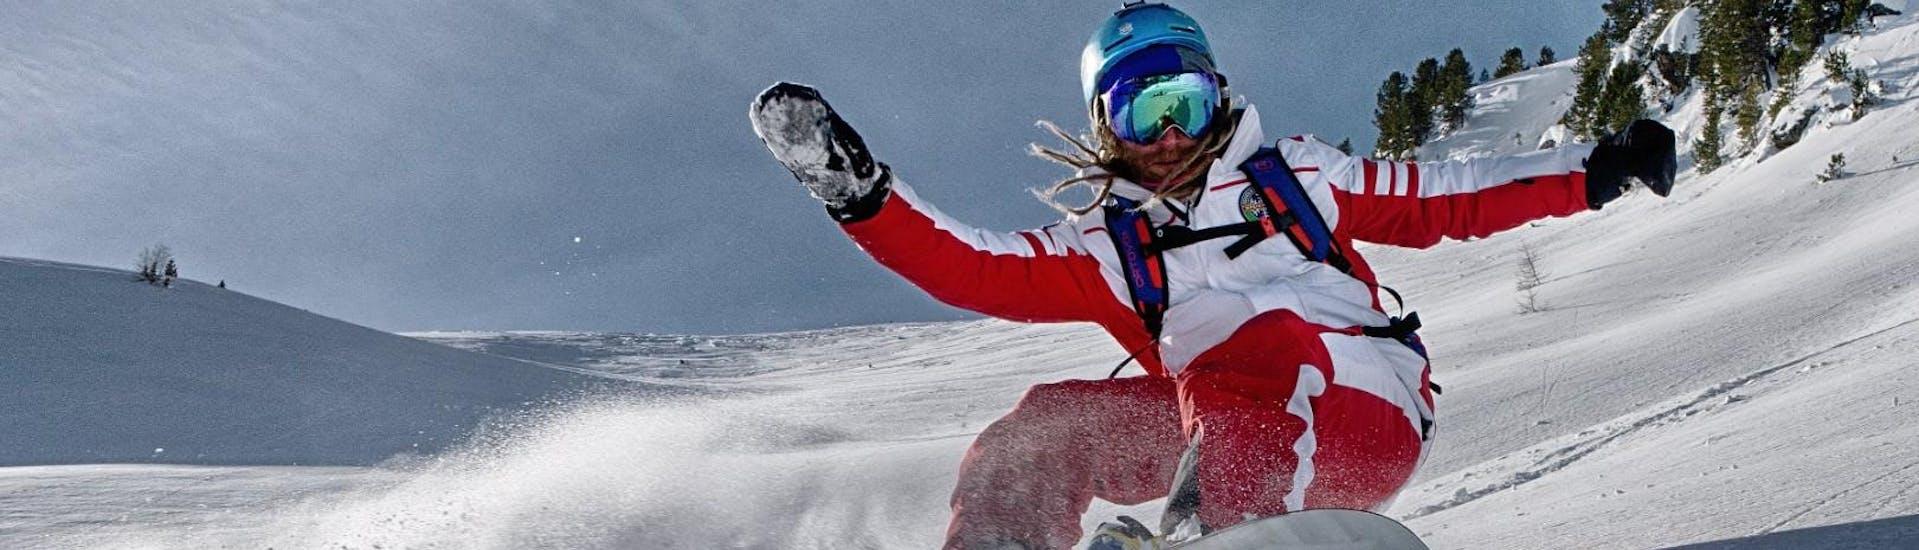 Curso de snowboard a partir de 10 años para avanzados